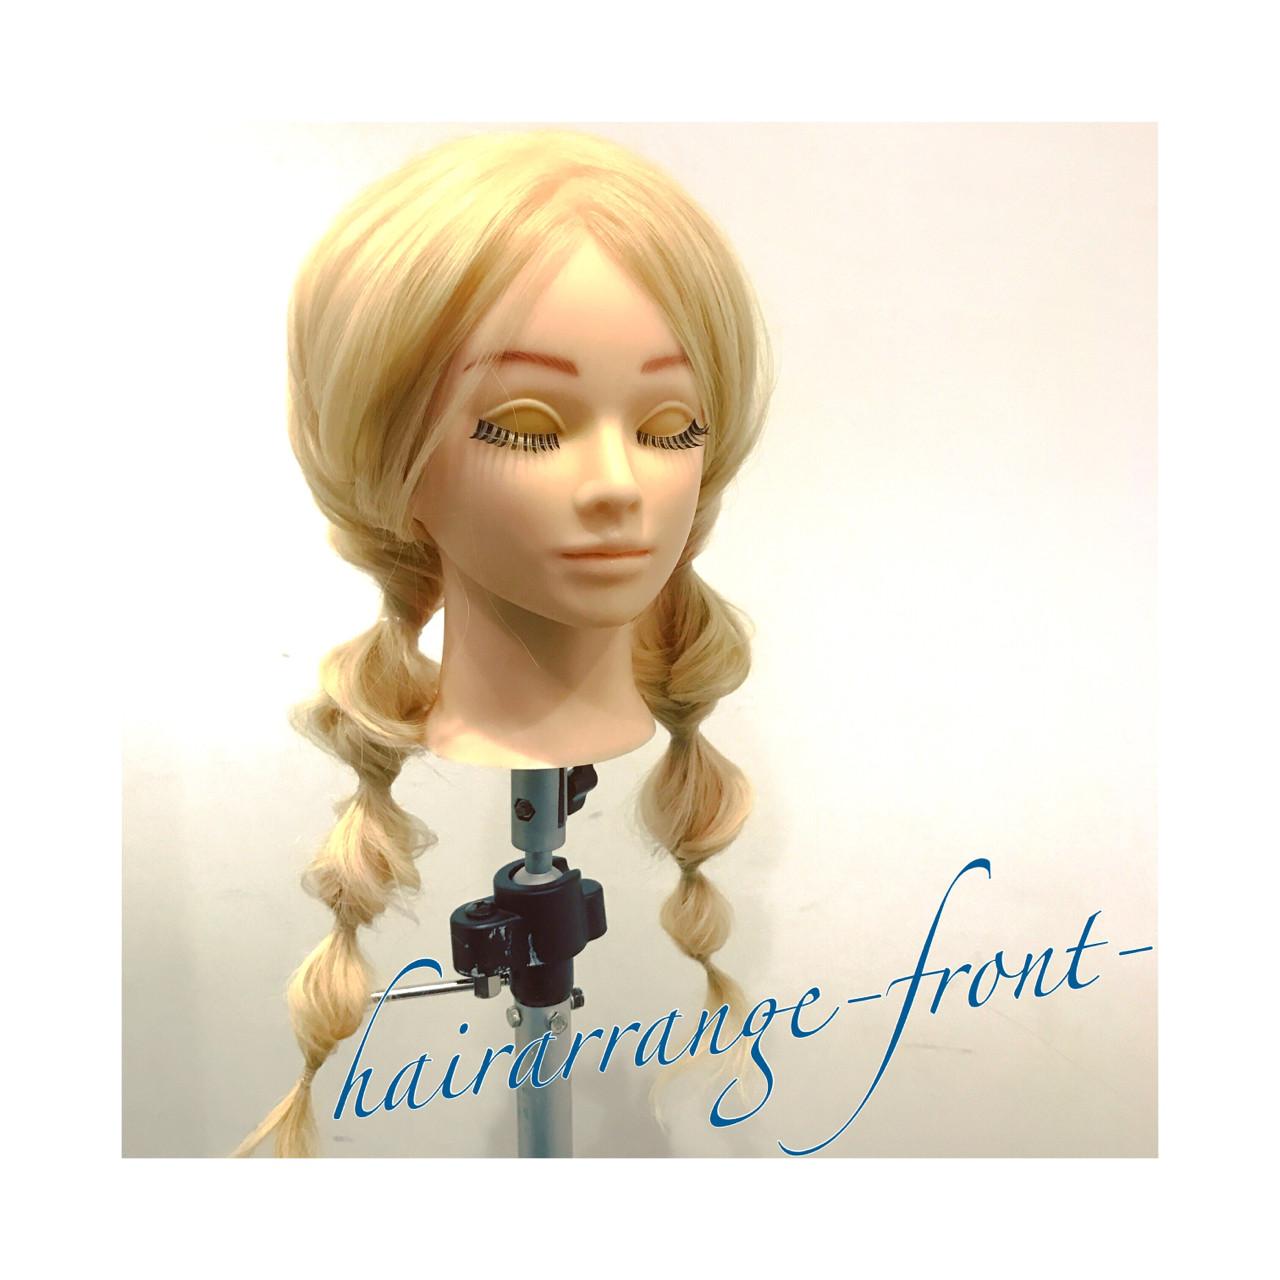 ツインテール ショート ヘアアレンジ ロング ヘアスタイルや髪型の写真・画像